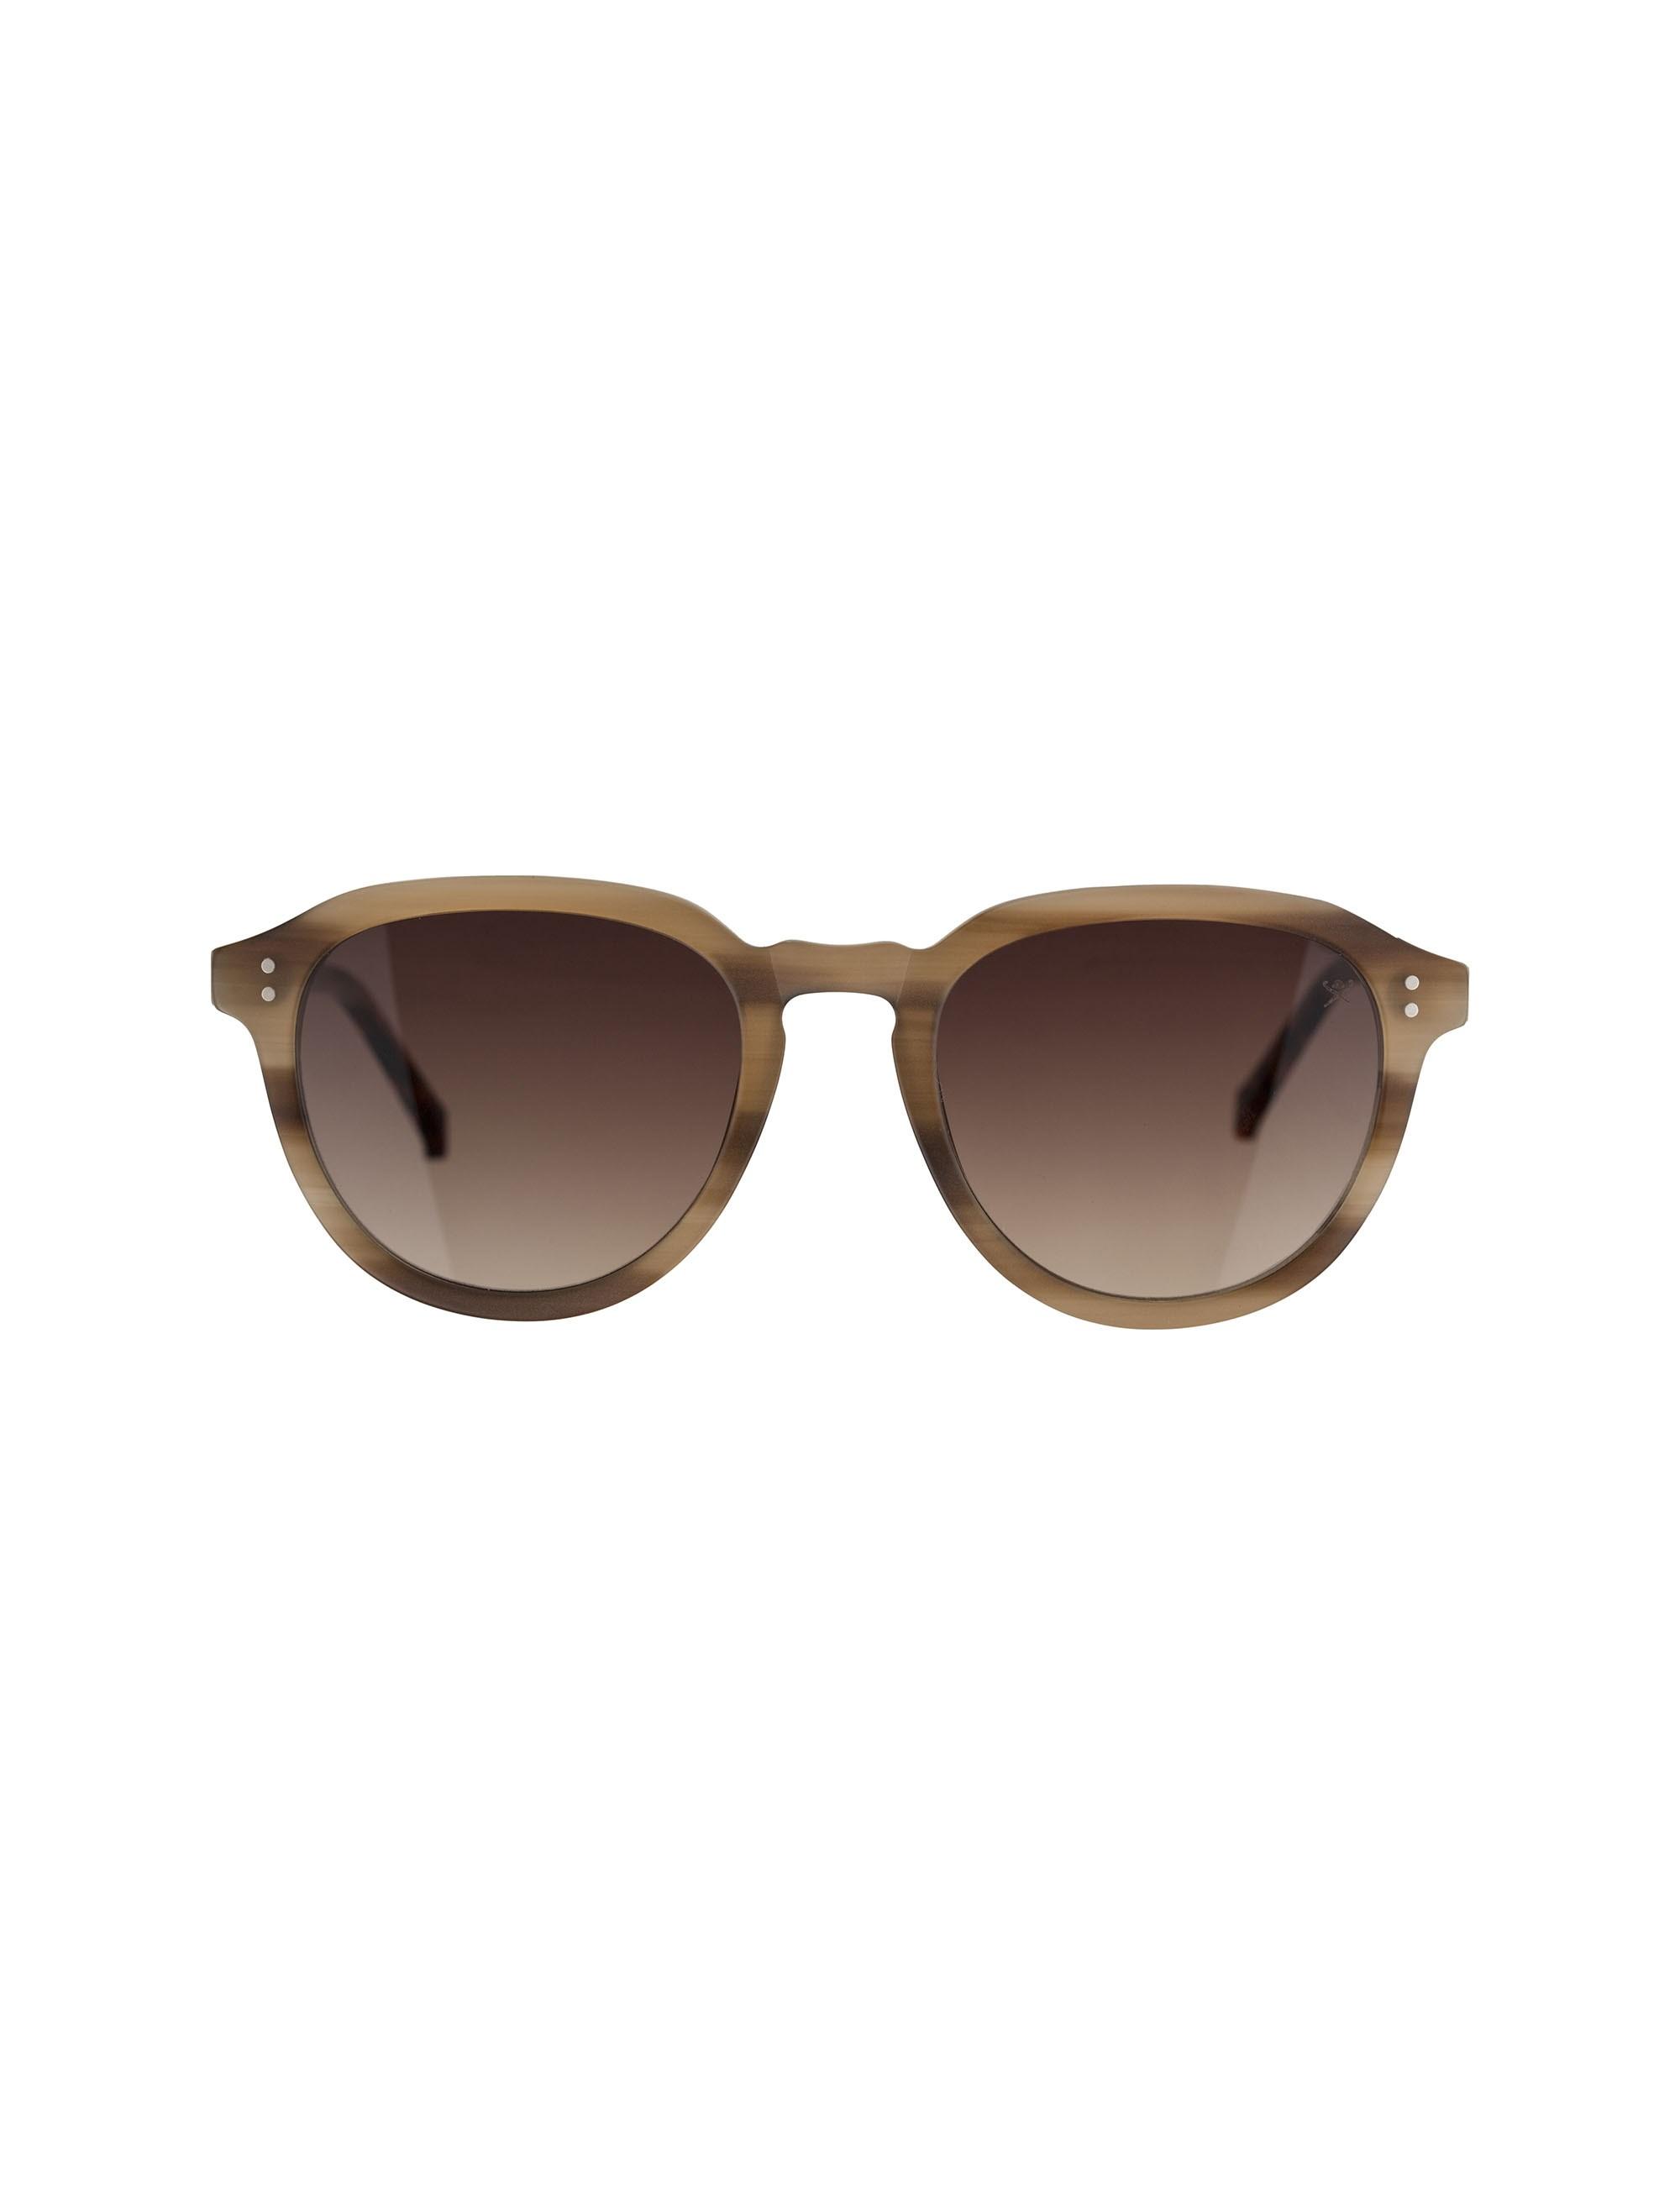 قیمت عینک آفتابی پنتوس زنانه - هکت